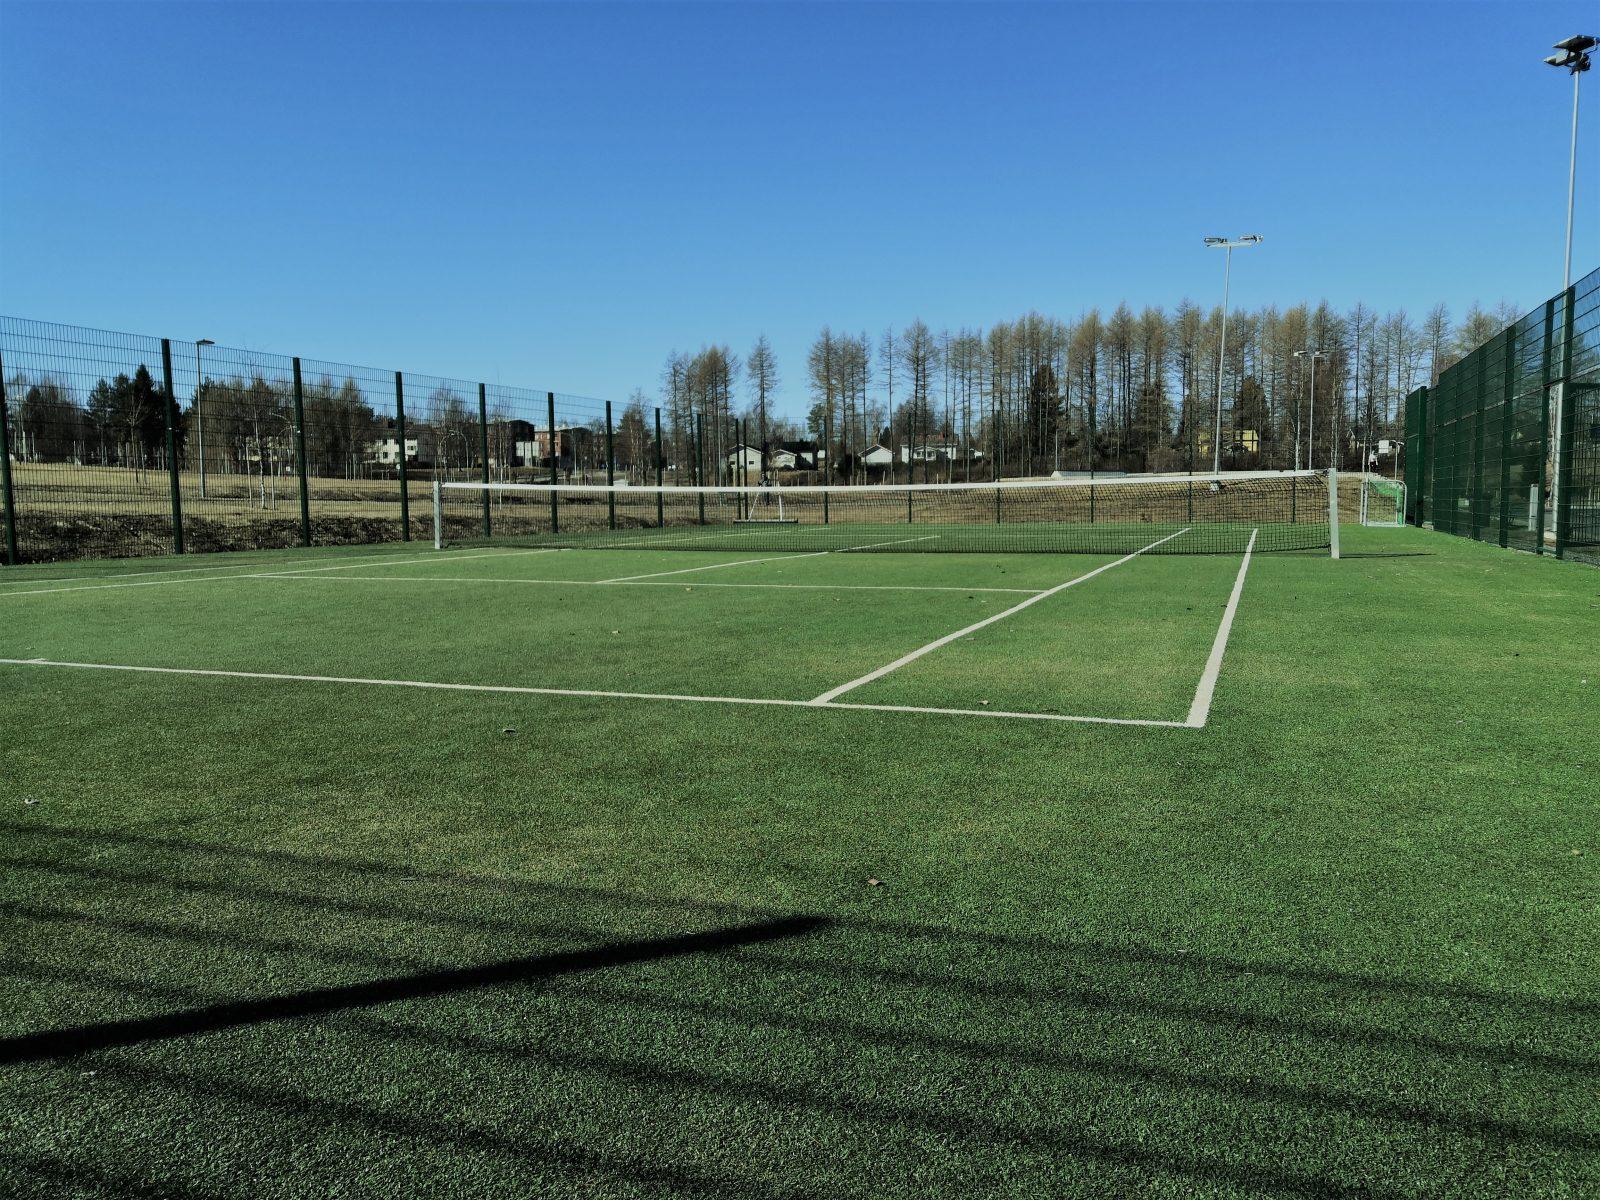 Yleiskuva Kaupunginlammen tenniskentästä